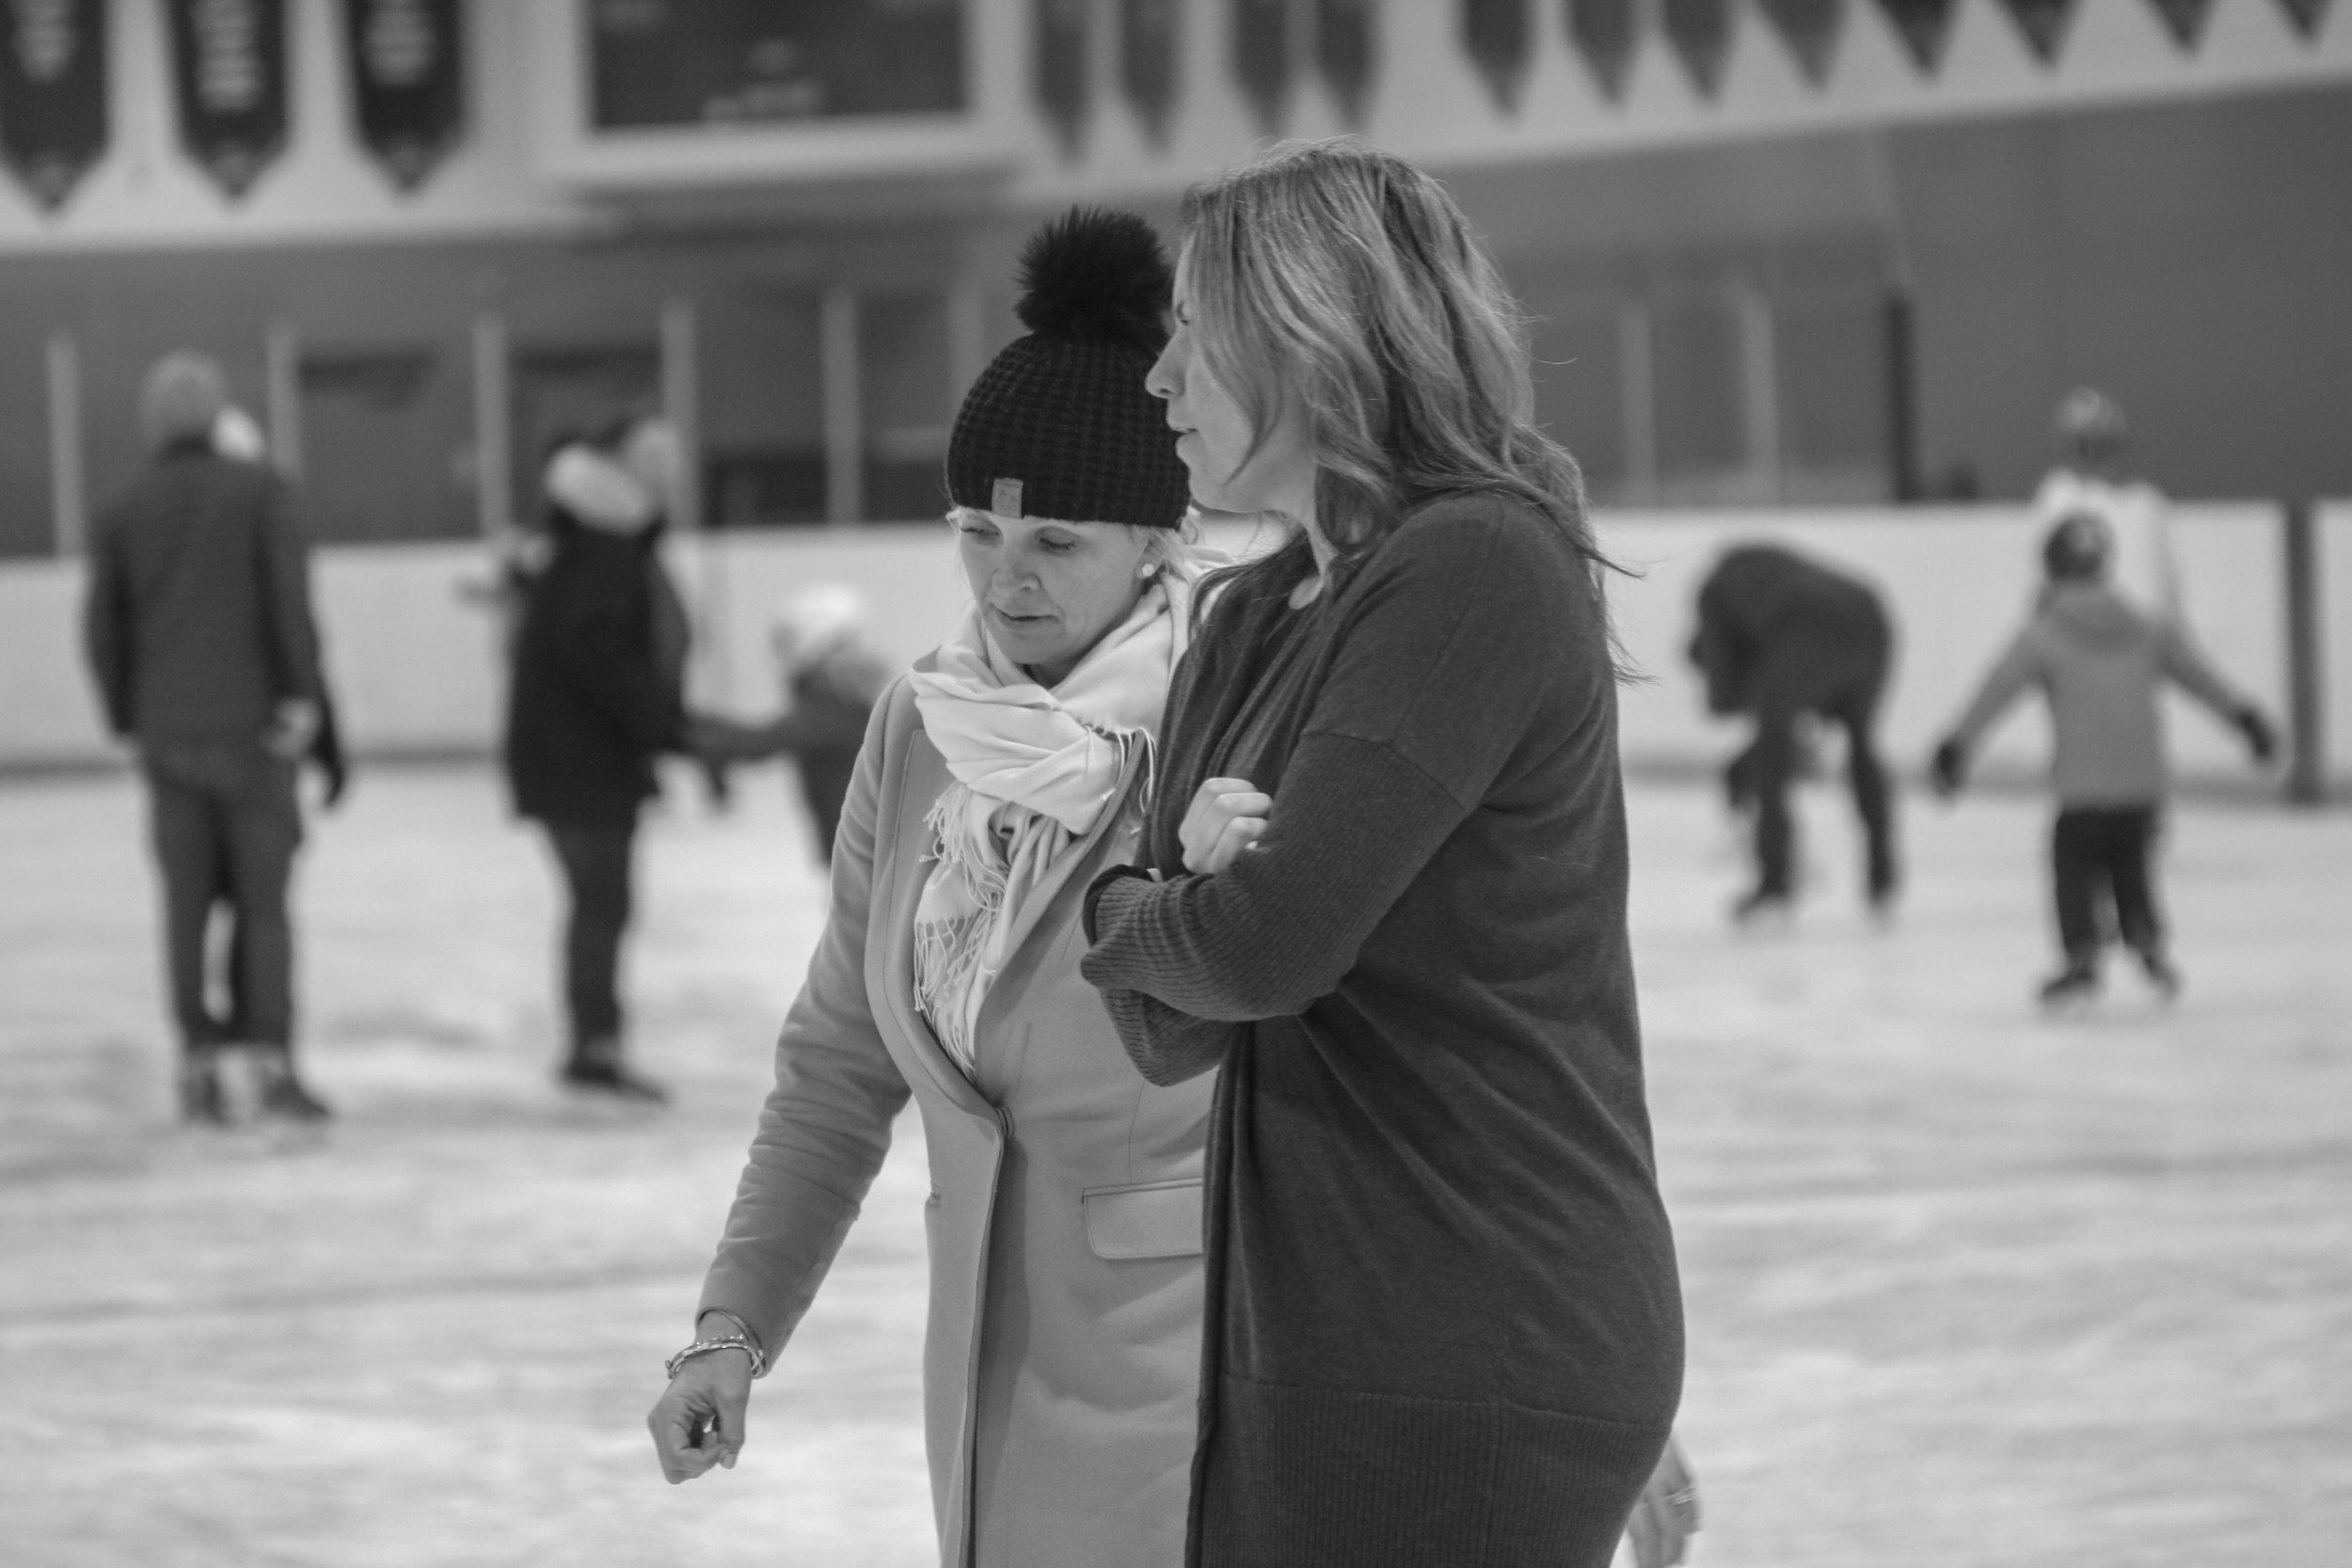 020 2019 Skating.jpg